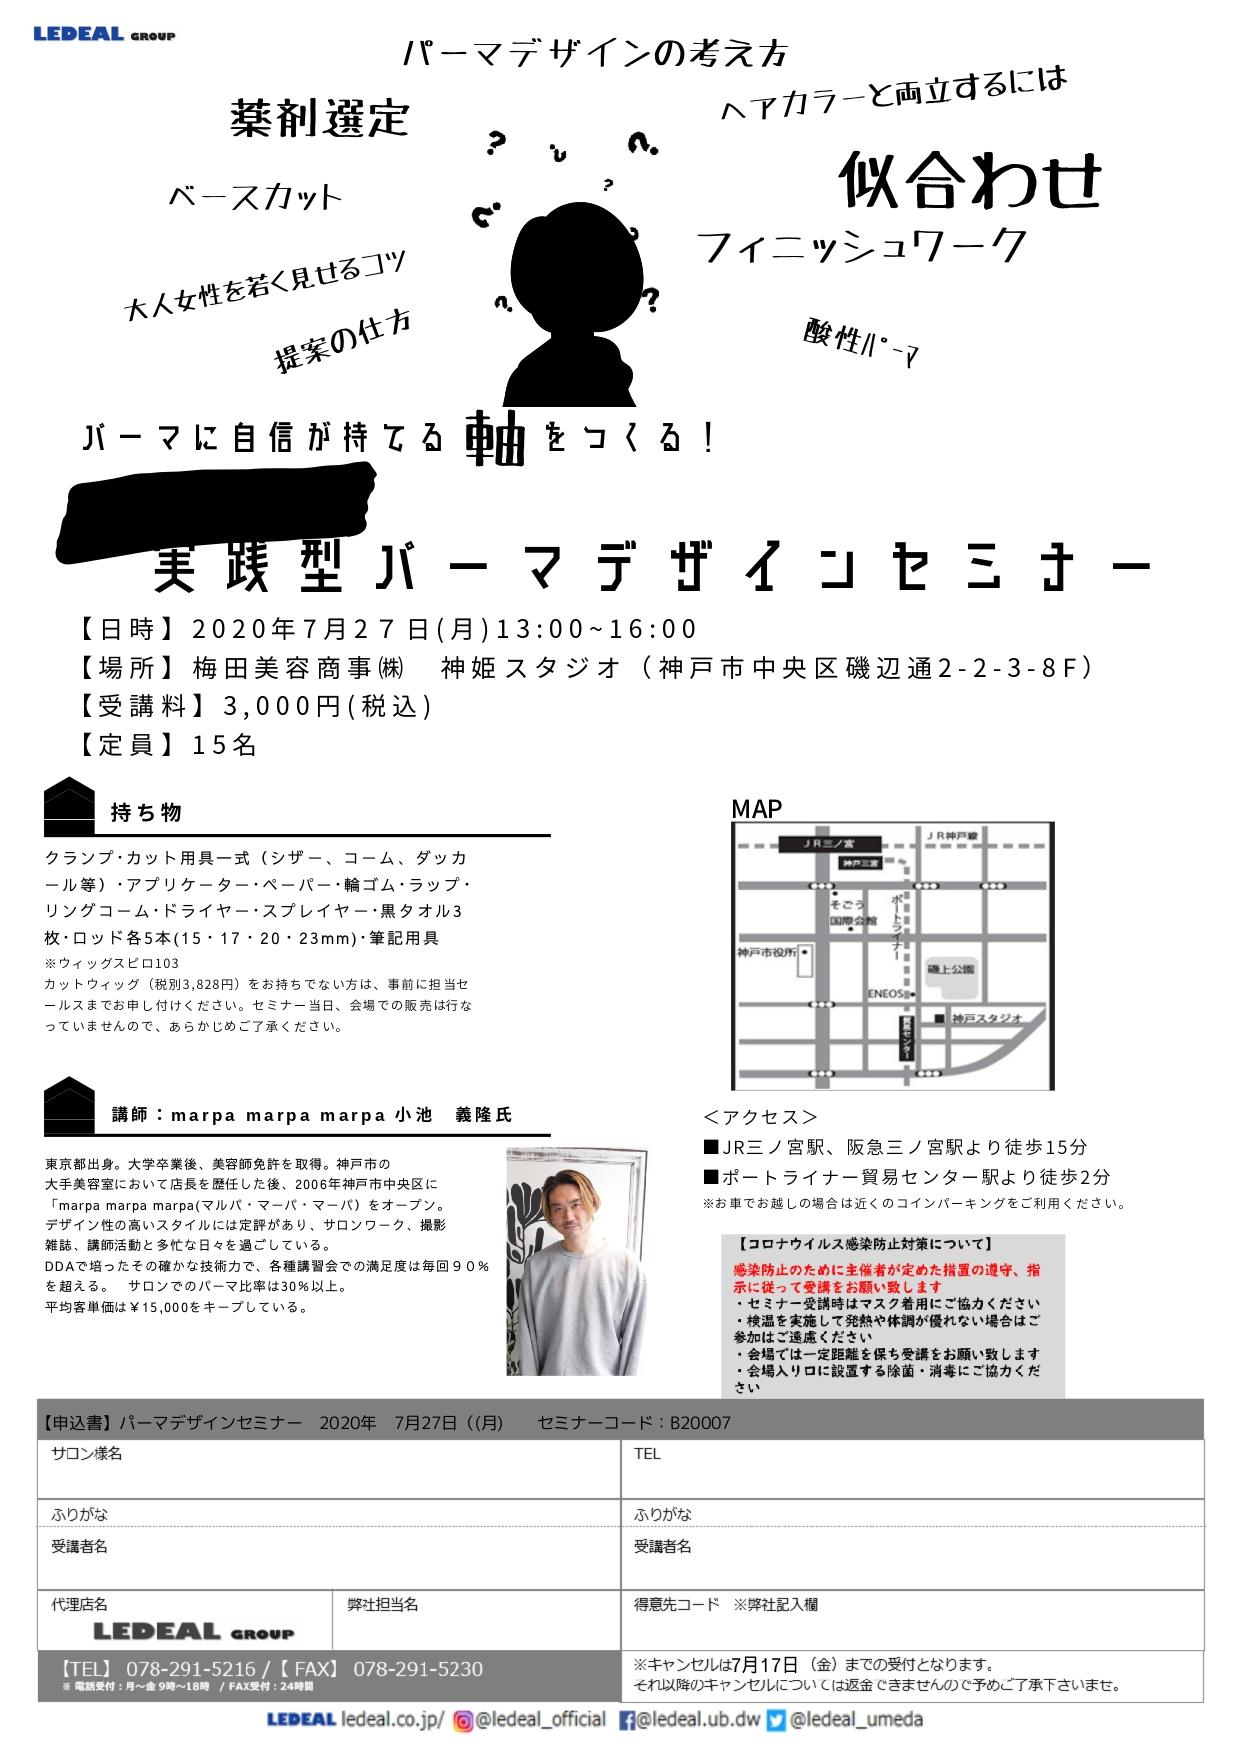 【神戸】実践型パーマデザインセミナー